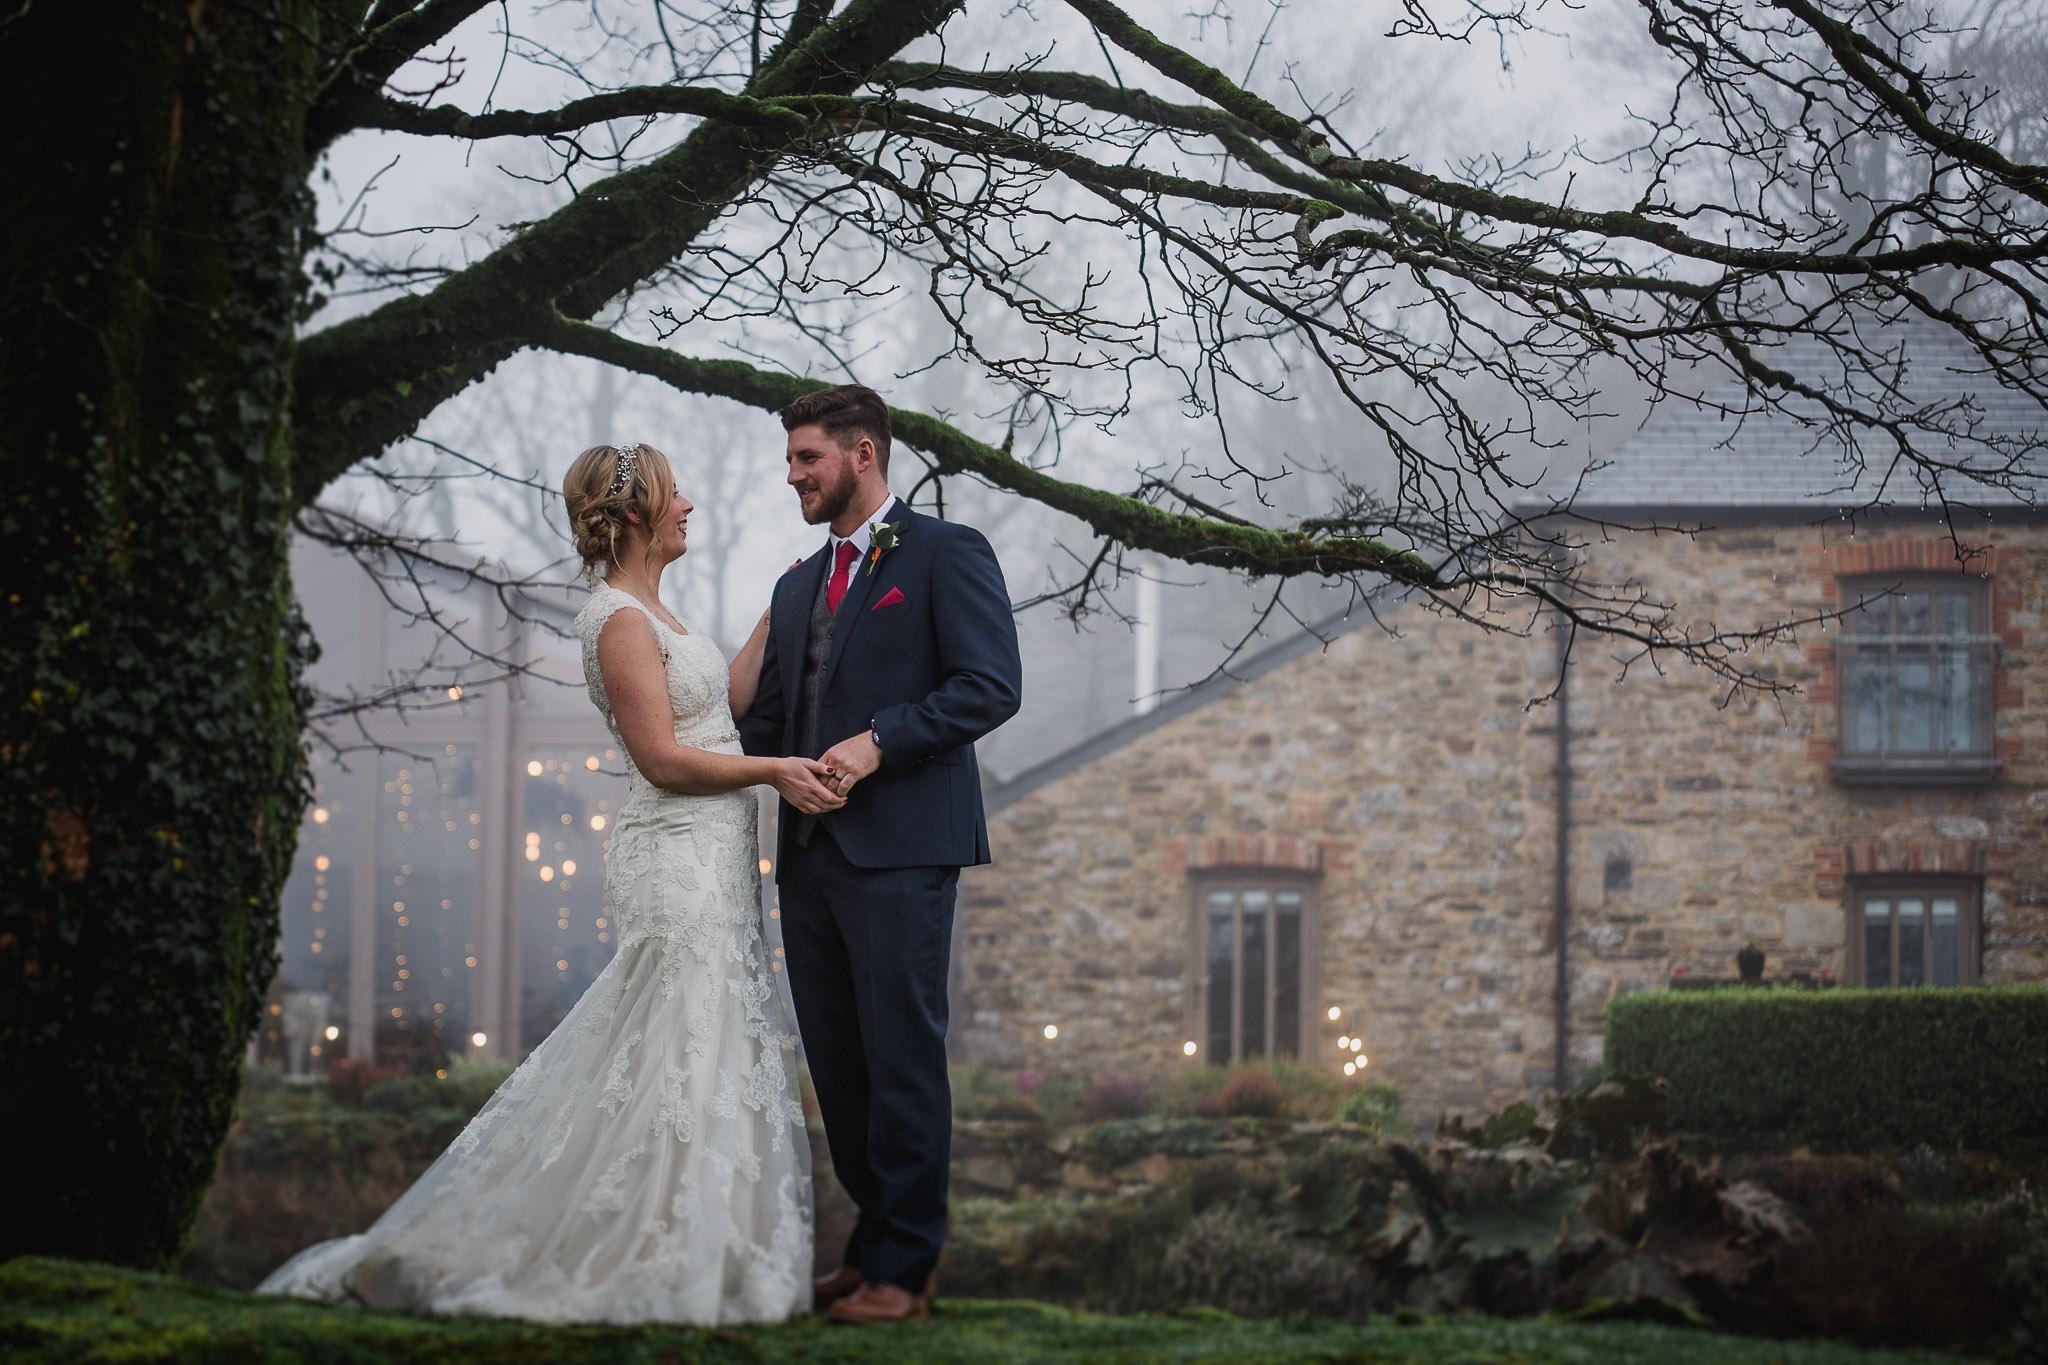 winter wedding trevenna barns